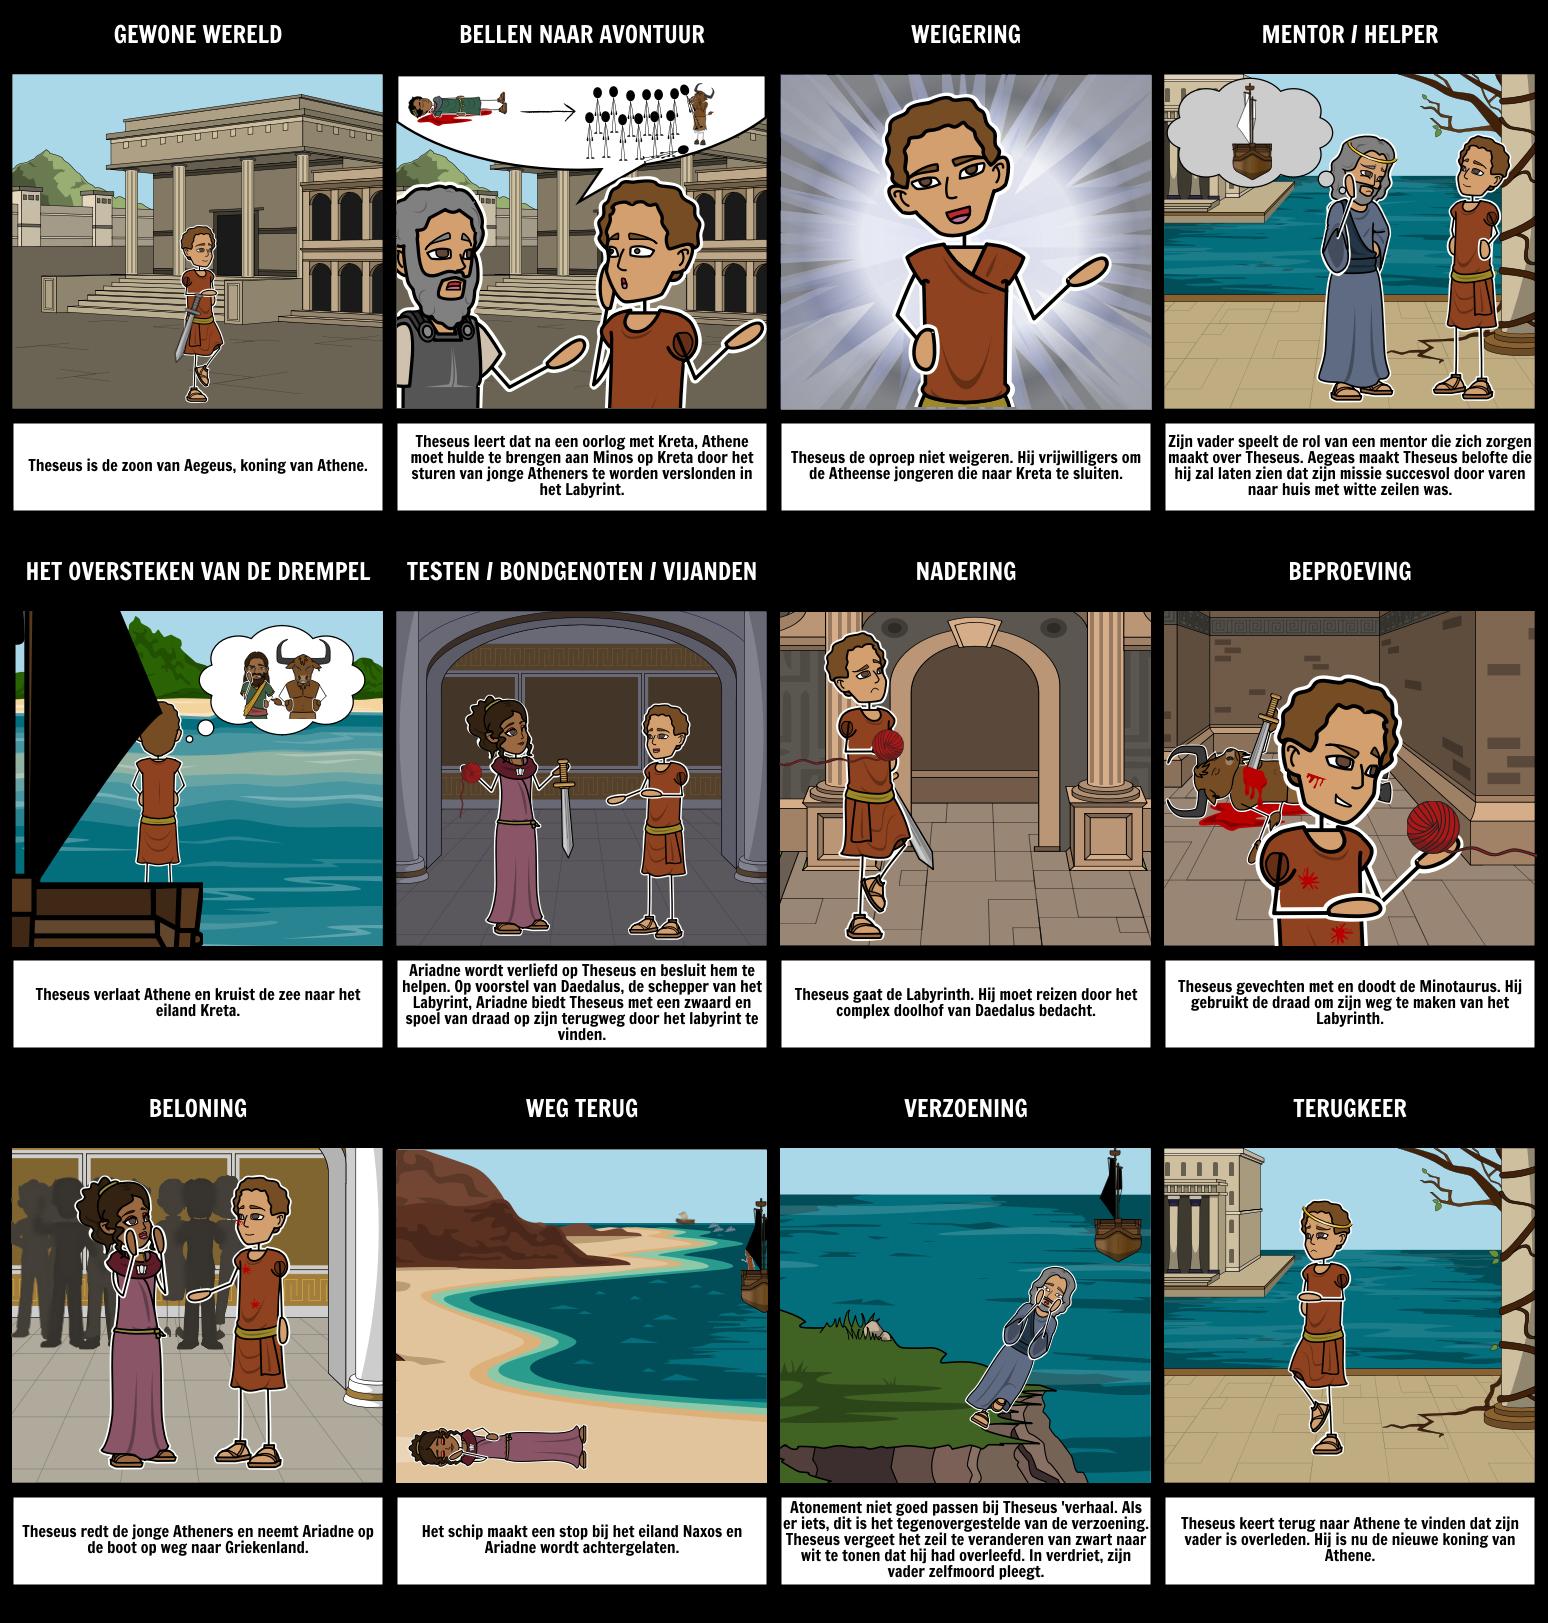 Theseus Heroic Journey